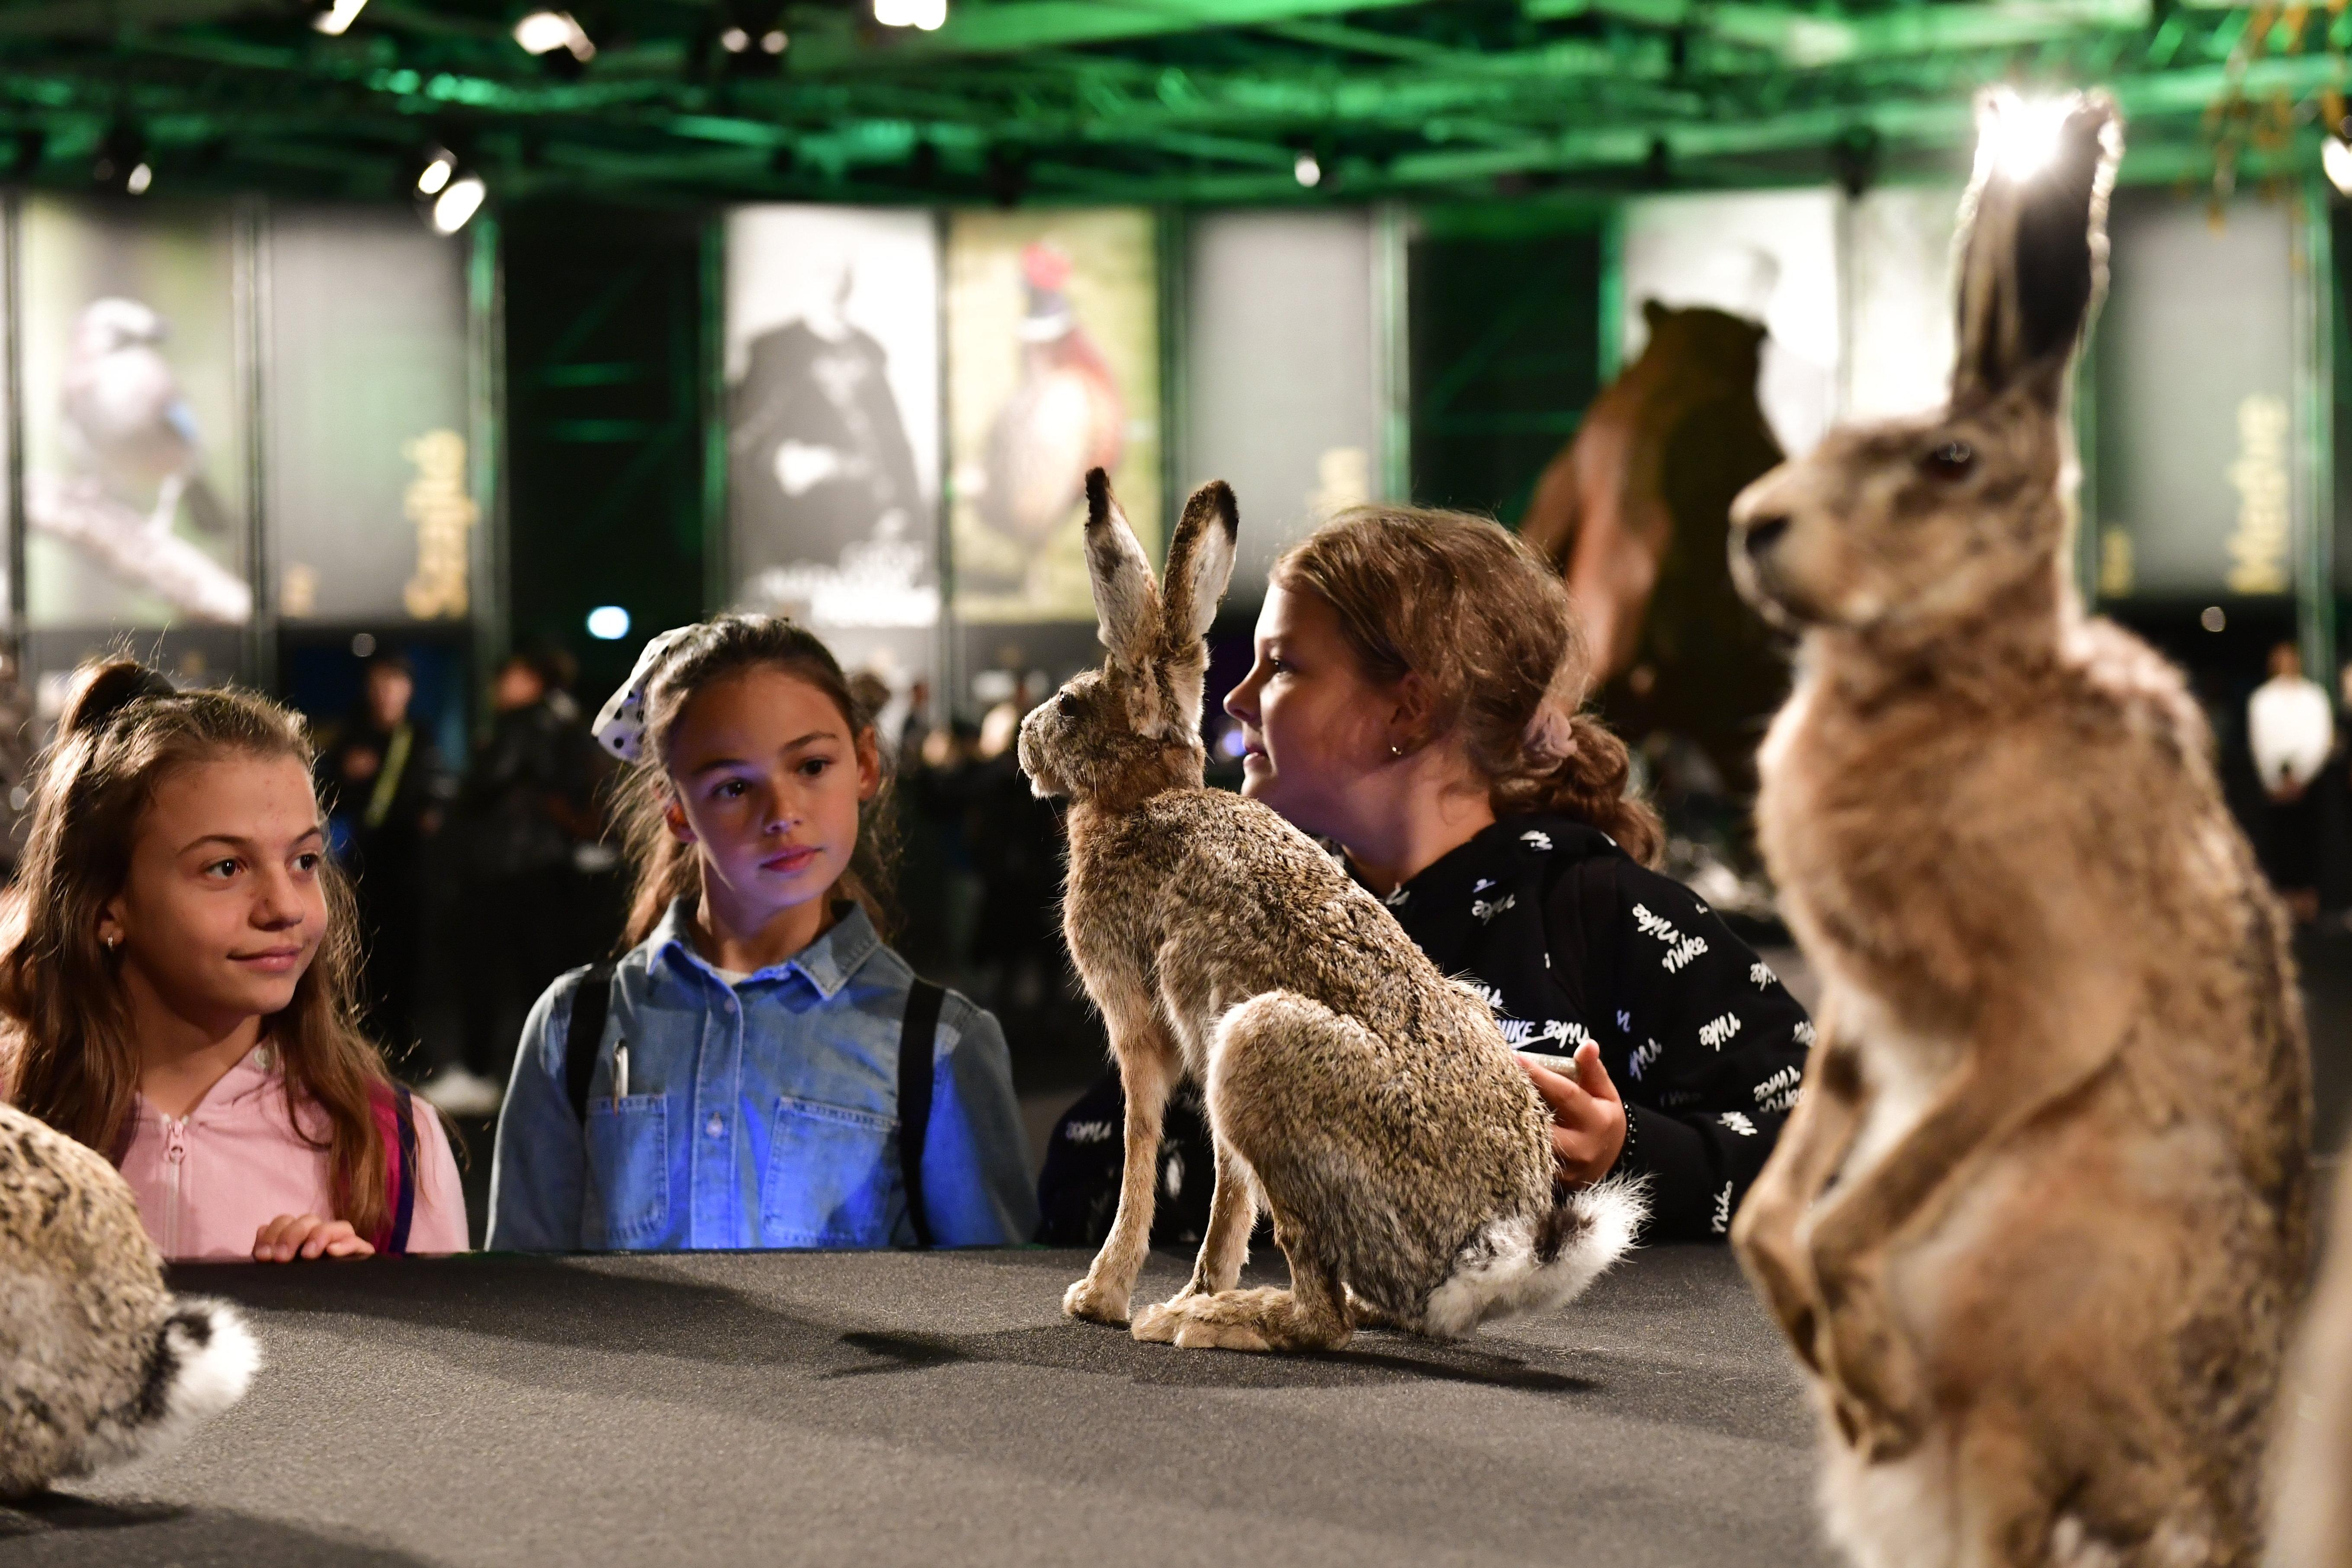 A világkiállítás tizenharmadik napján elindul az OMÉK, hazánk legnagyobb mezőgazdasági kiállítása